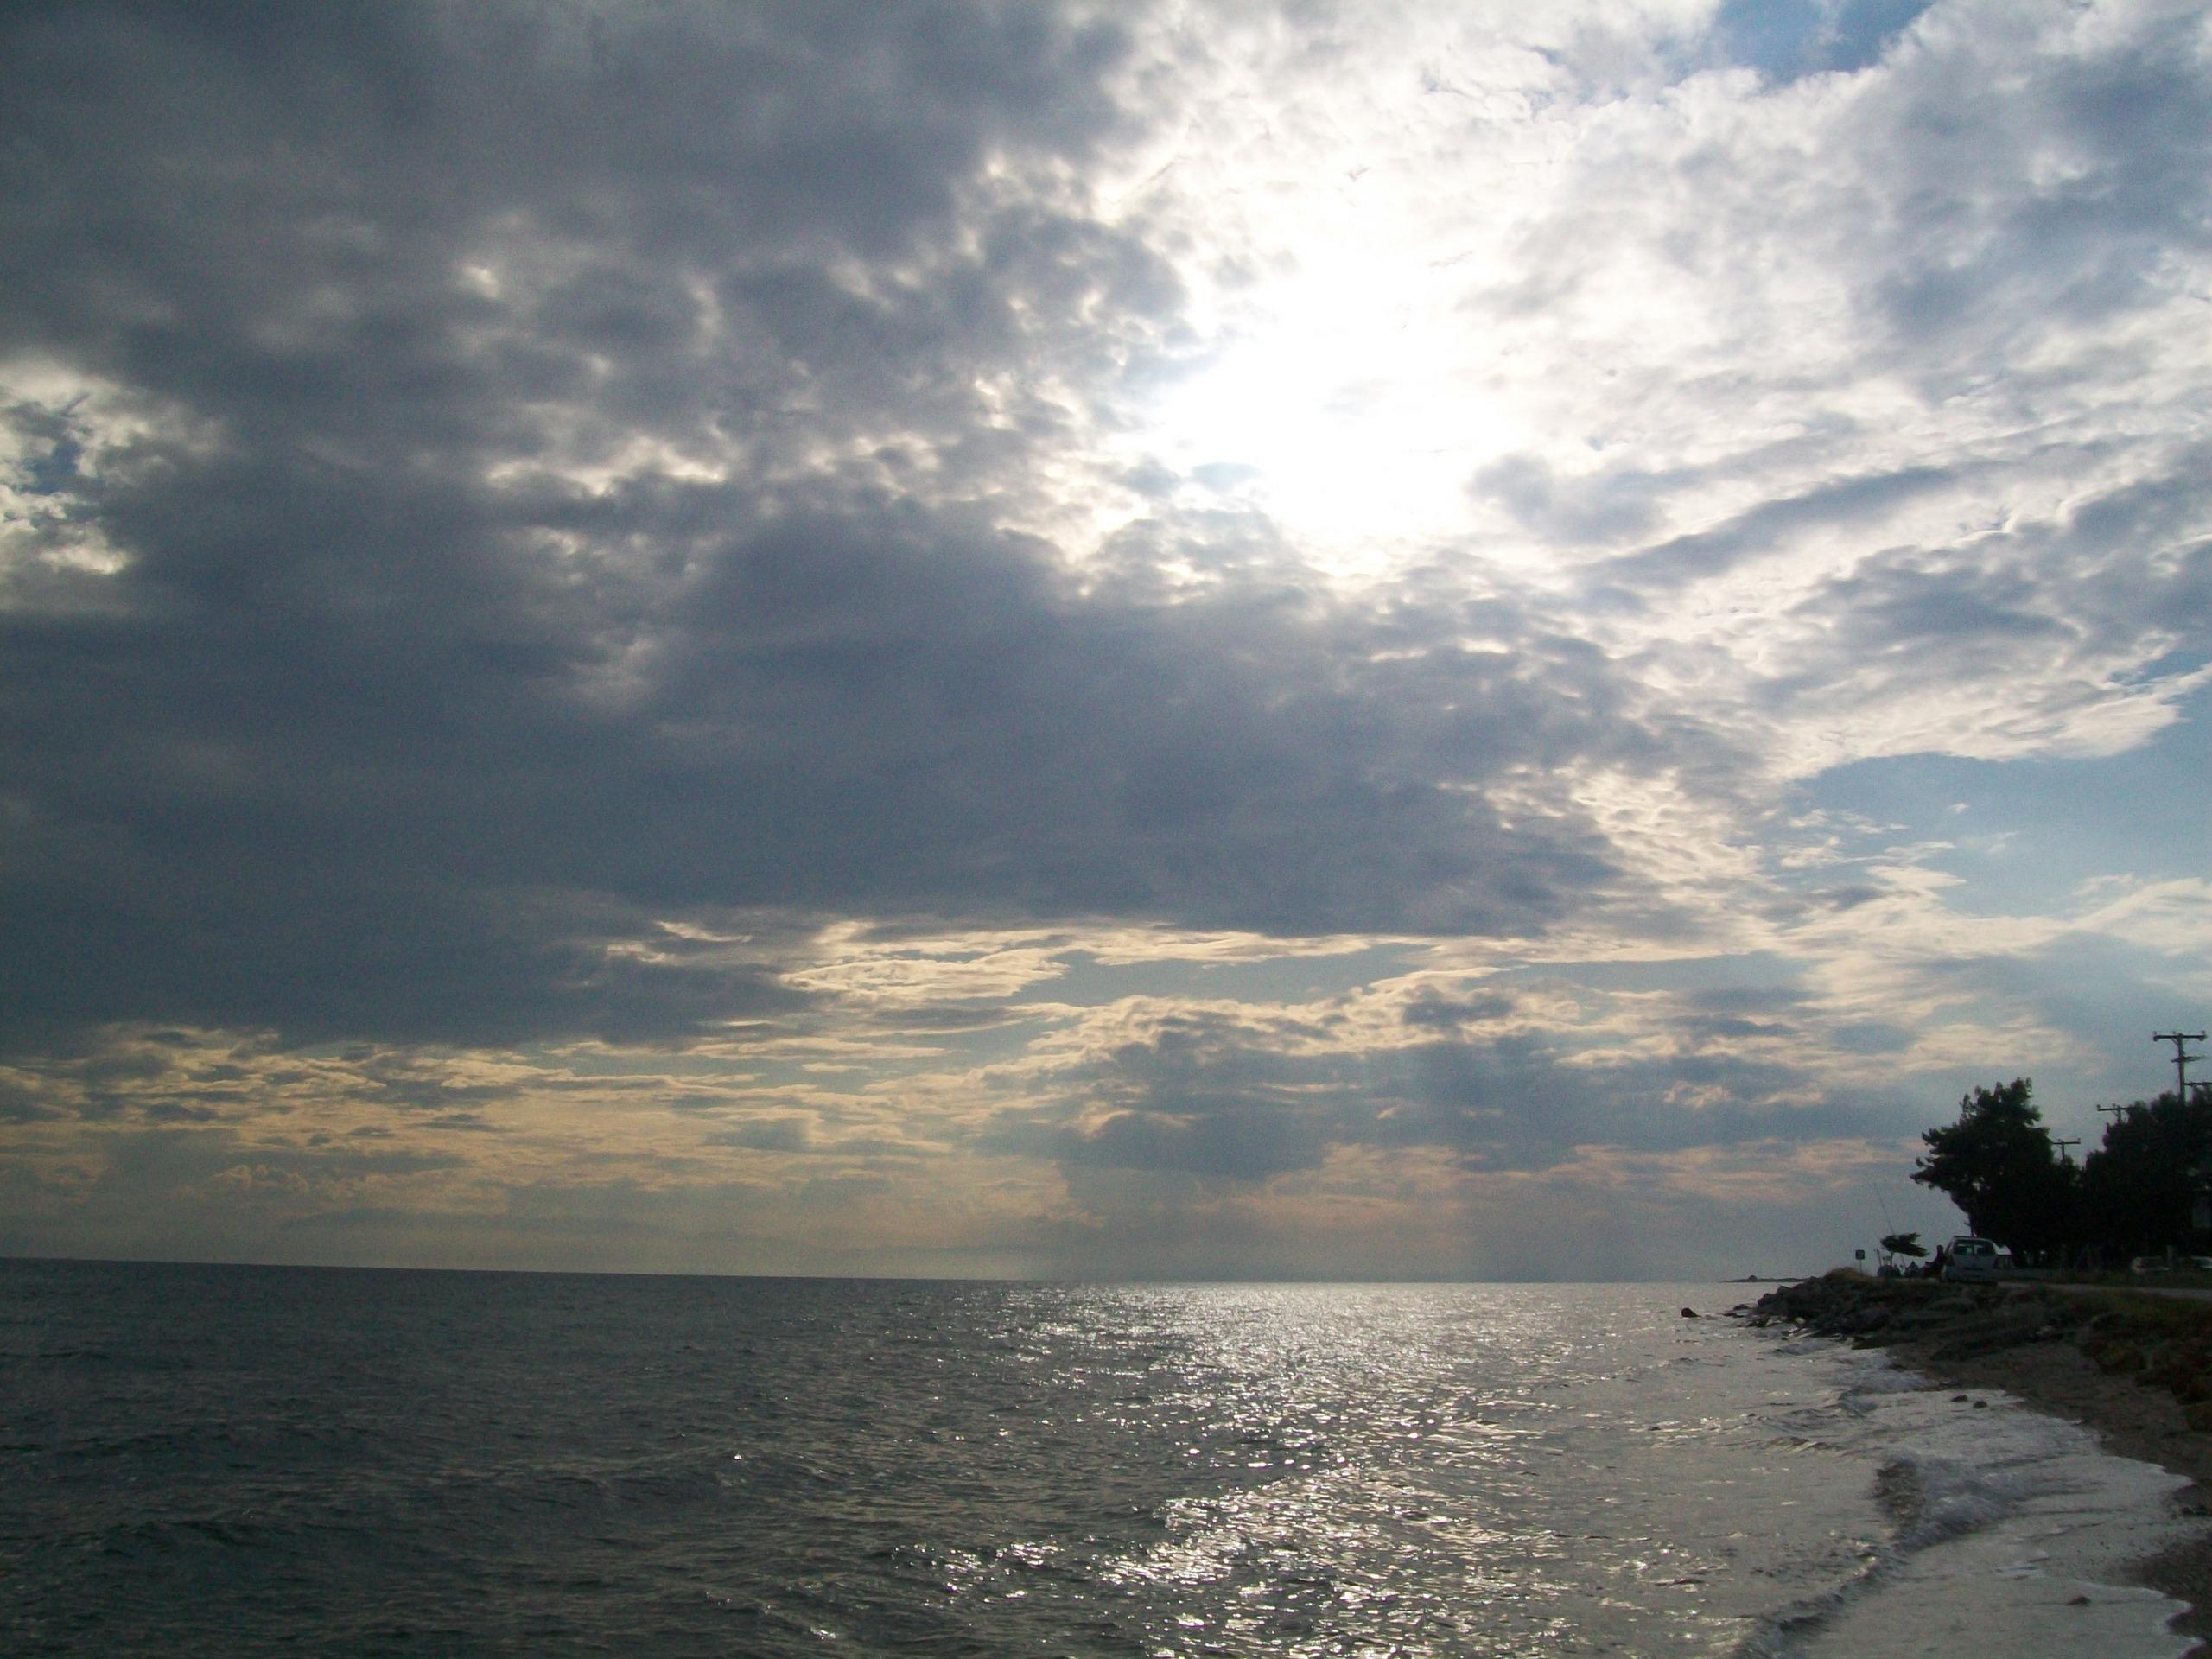 hd sea to sky - photo #17